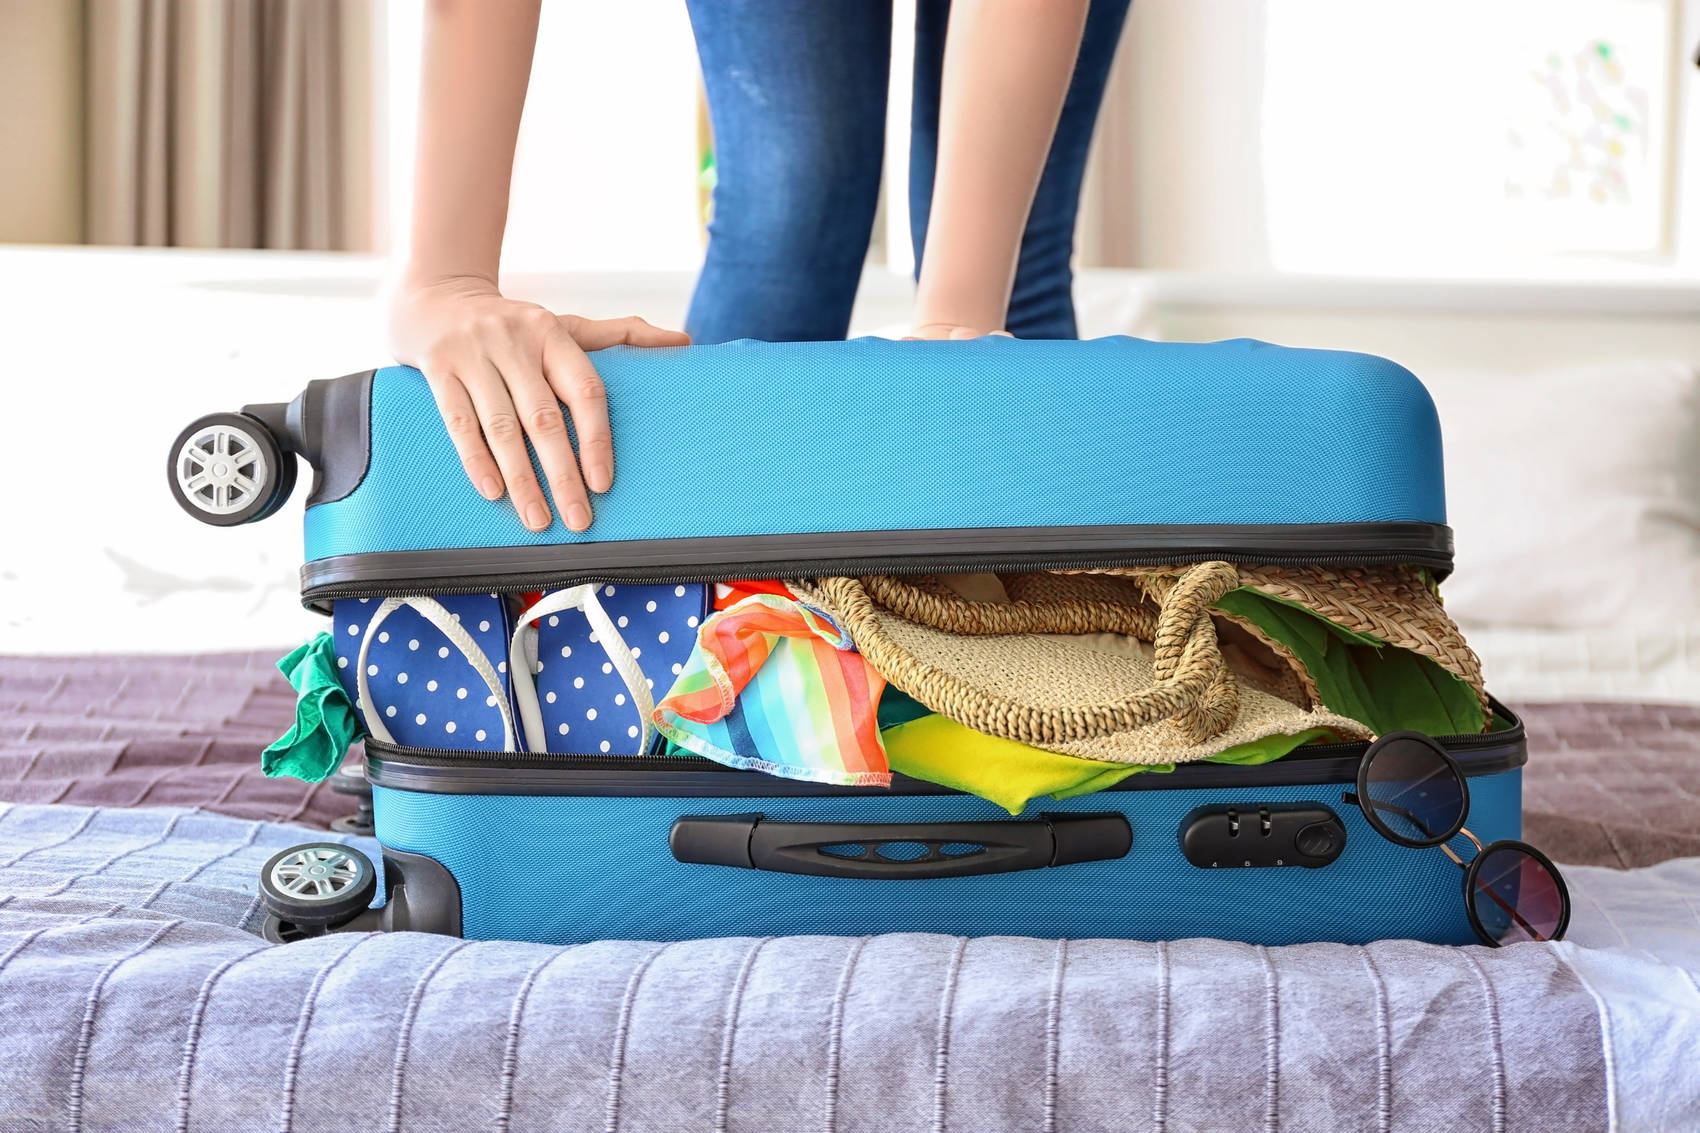 packing-baggage